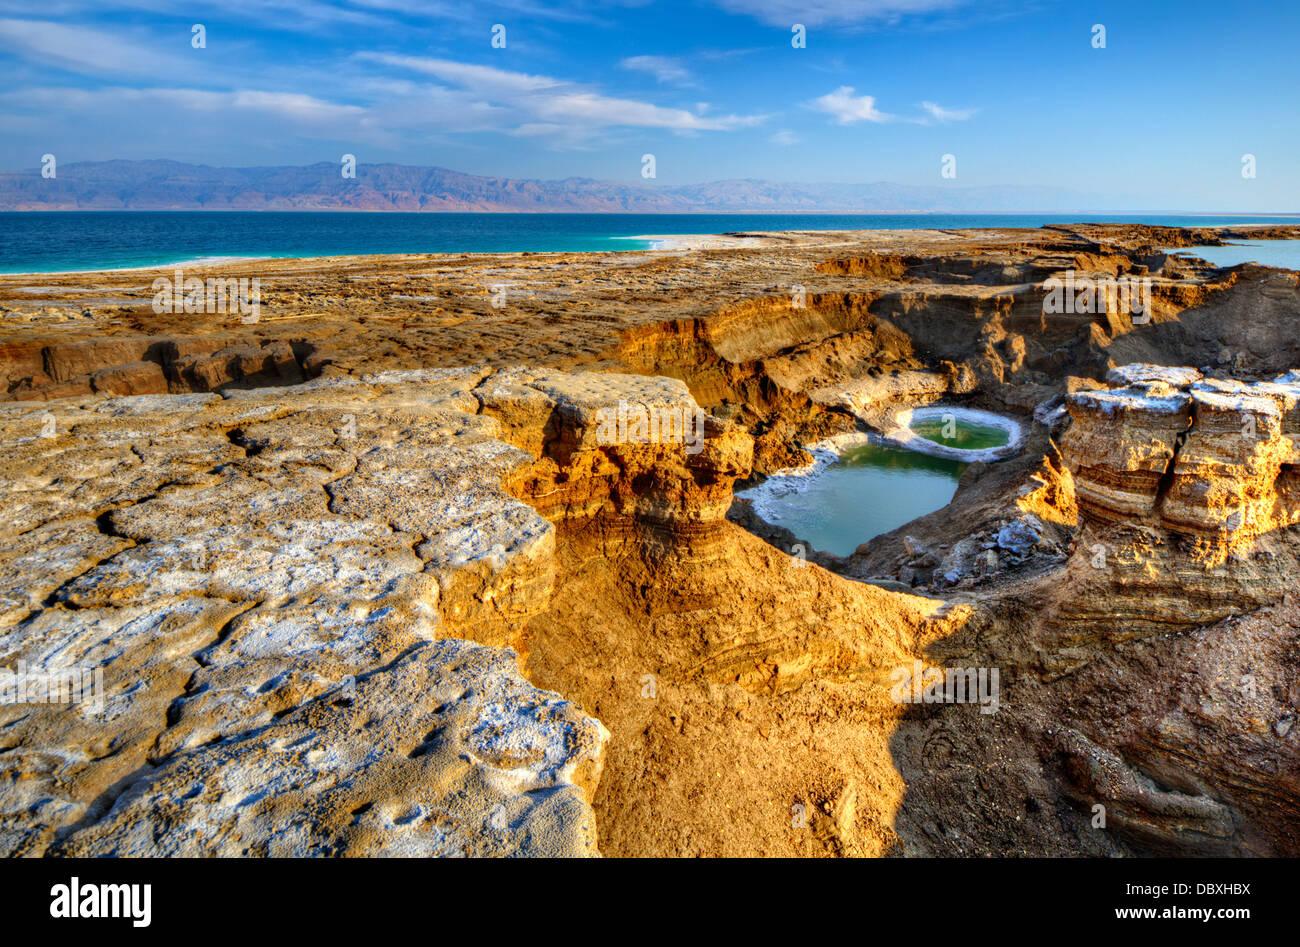 Dolinen am Toten Meer in Ein Gedi, Israel. Stockbild